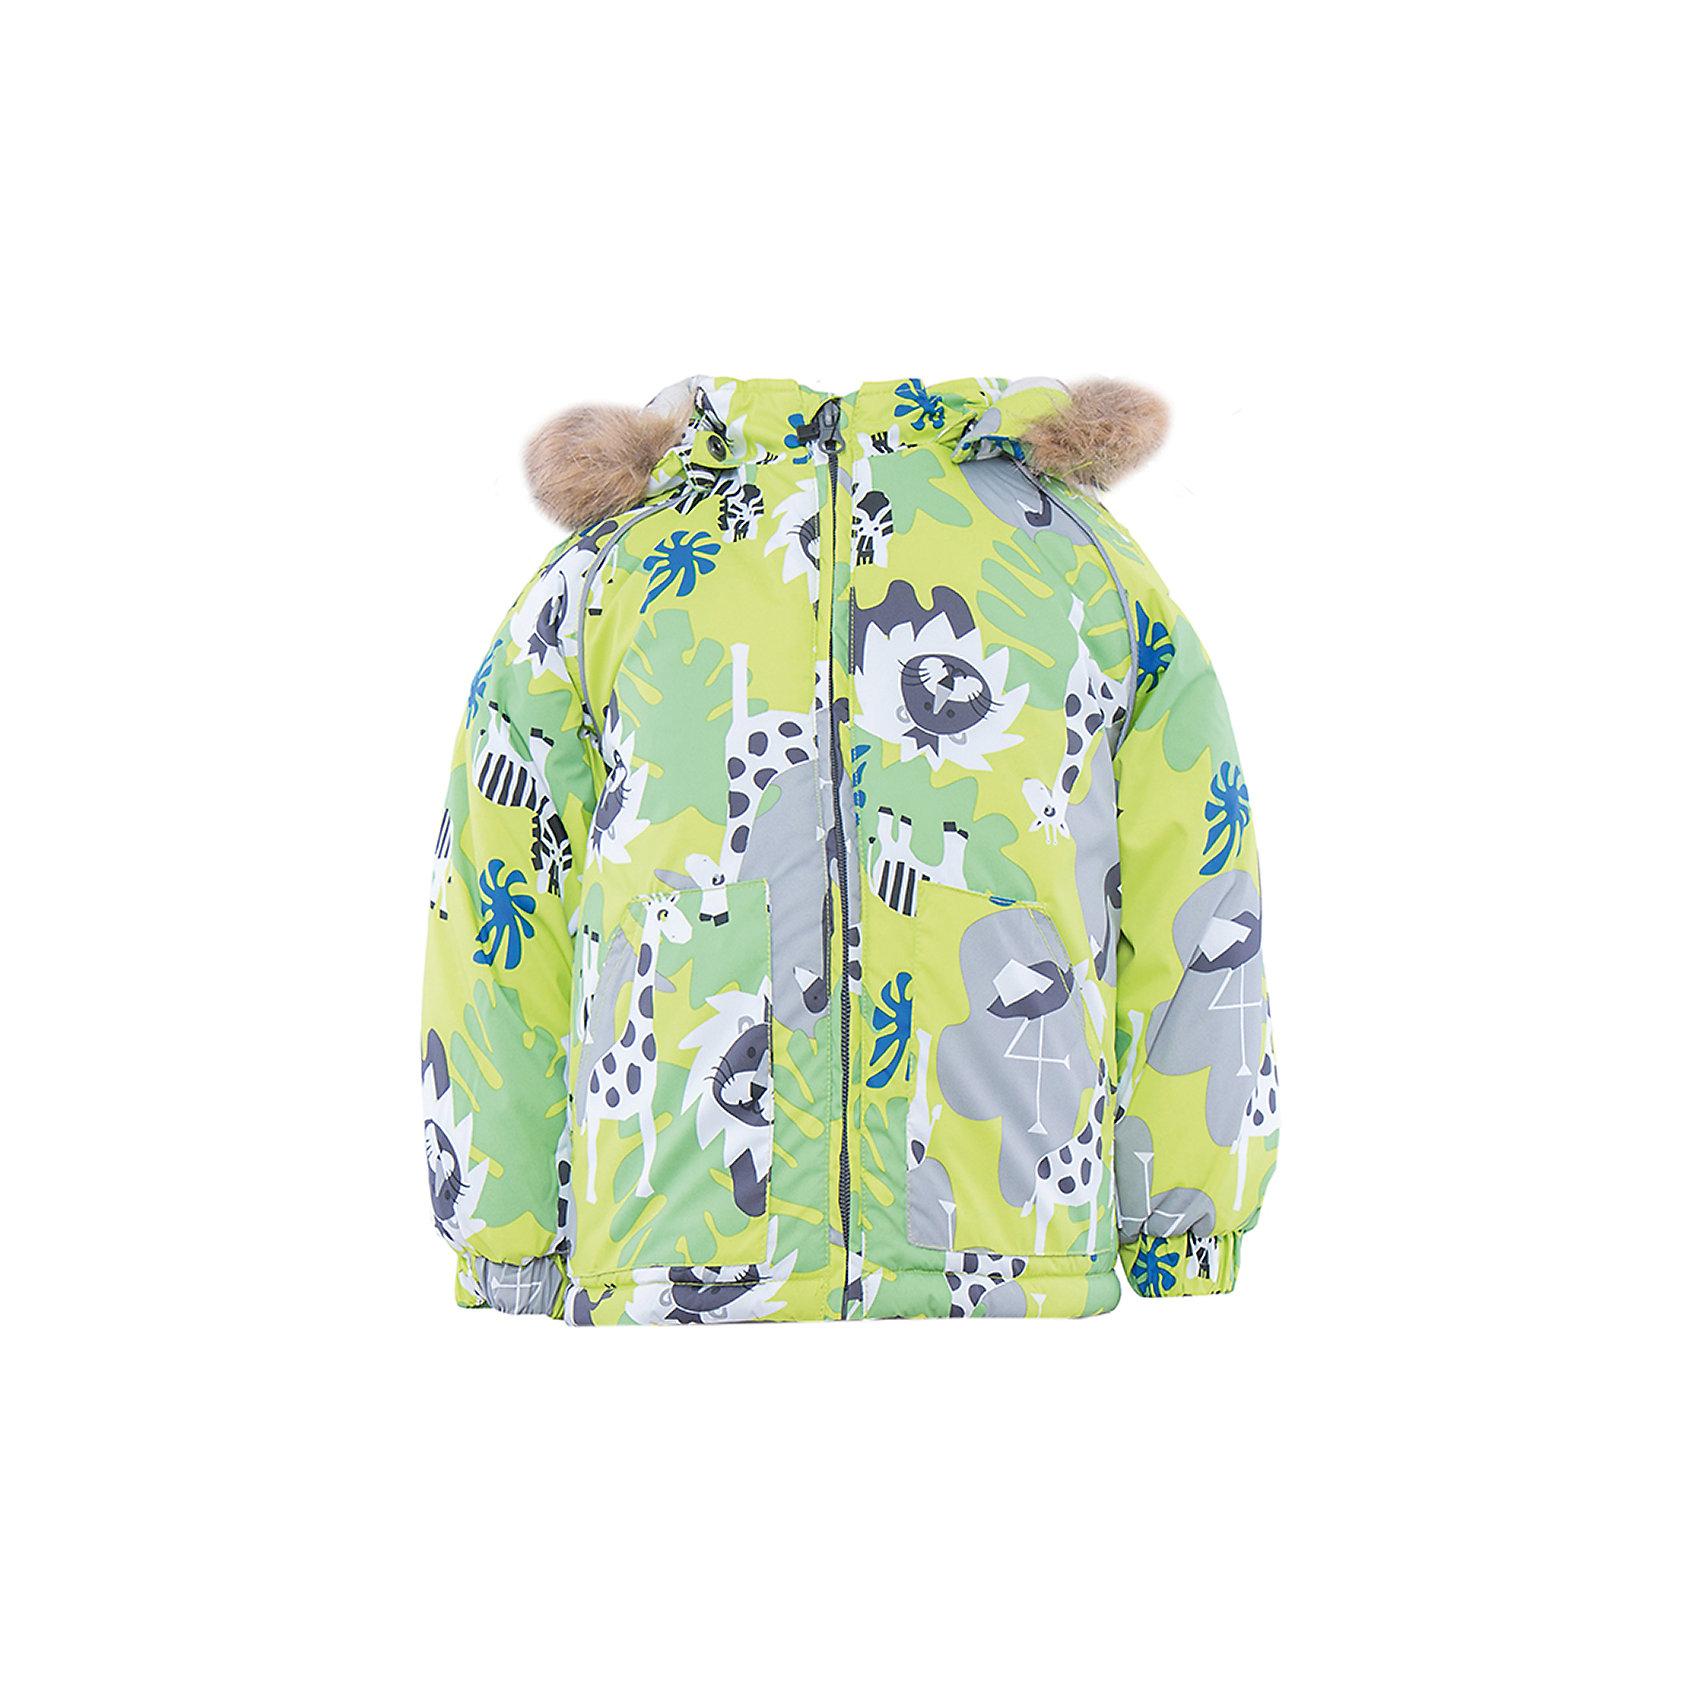 Куртка    HuppaЯркая зимняя куртка с необычным дизайном VIRGO Huppa(Хуппа) изготовлена из качественных и прочных материалов. Резинки на рукавах помогут избежать попадания снега под одежду. Специальная мембрана не даст воде и холодному воздуху проникнуть под одежду и поможет избавиться от лишней влаги, выделяемой телом. Мягкая подкладка из фланели отлично позаботится о чувствительной коже крохи и не вызовет раздражения. Модель имеет отстегивающийся капюшон, вместительные карманы и светоотражающие элементы. В этой куртке есть все, что нужно для хорошего настроения во время зимних прогулок!<br><br>Дополнительная информация:<br>Материал: 100% полиэстер<br>Цвет: салатовый<br><br>Куртку VIRGO Huppa(Хуппа) вы можете приобрести в нашем интернет-магазине.<br><br>Ширина мм: 356<br>Глубина мм: 10<br>Высота мм: 245<br>Вес г: 519<br>Цвет: зеленый<br>Возраст от месяцев: 12<br>Возраст до месяцев: 15<br>Пол: Унисекс<br>Возраст: Детский<br>Размер: 80,104,98,92,86<br>SKU: 4928173